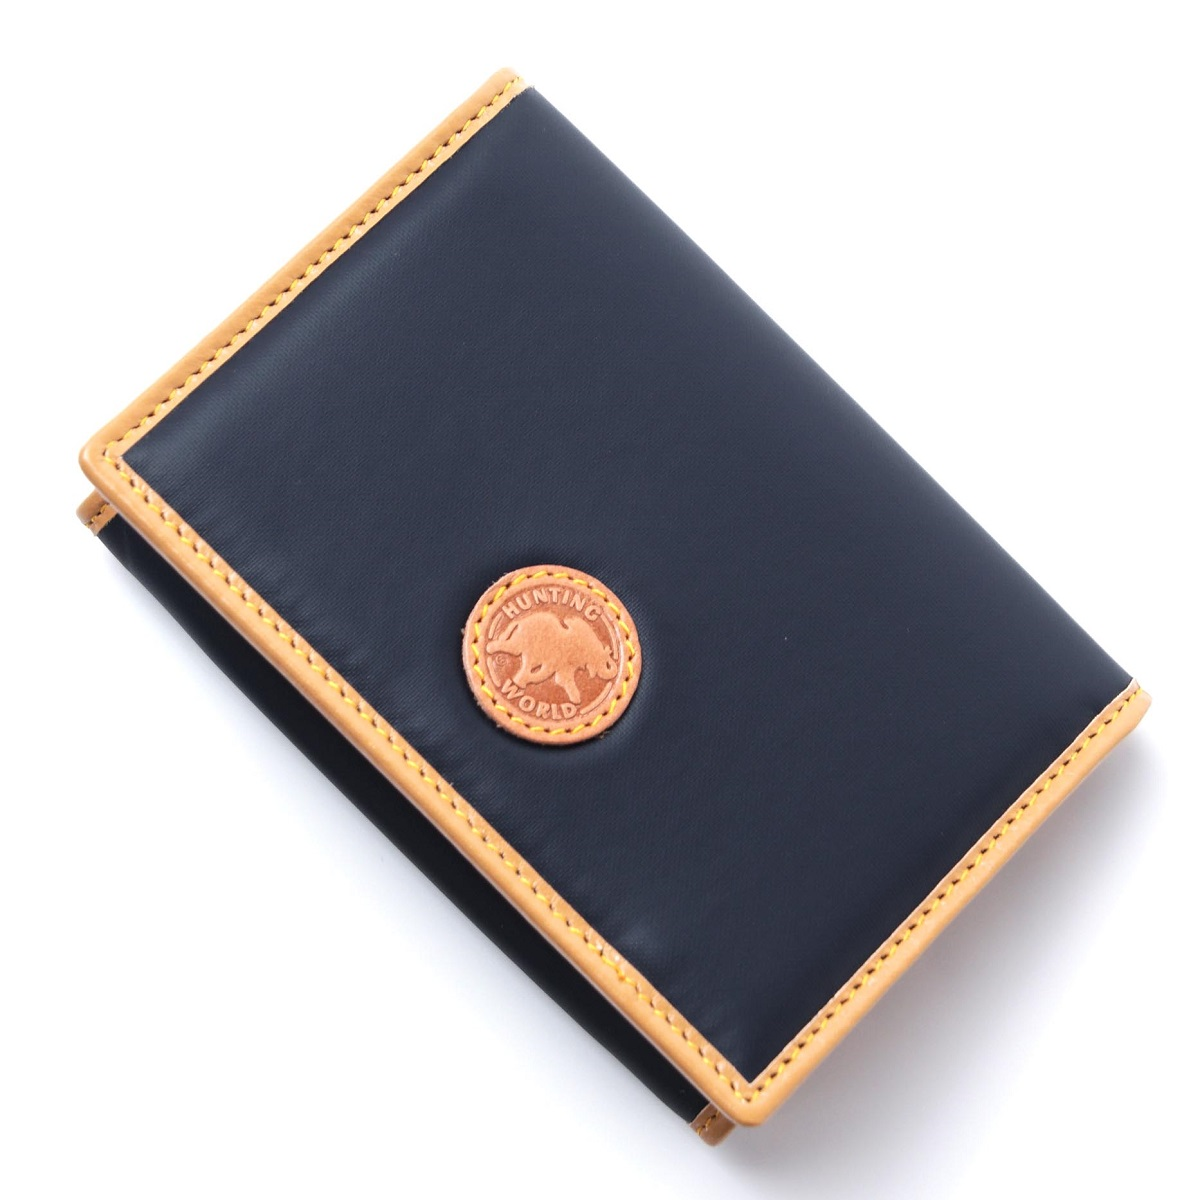 ハンティングワールド HUNTING WORLD カードケース 名刺入れ IDポケット付き ブルー メンズ BATTUE ORIGIN【ラッピング無料】【返品送料無料】【180703】【あす楽対応_関東】